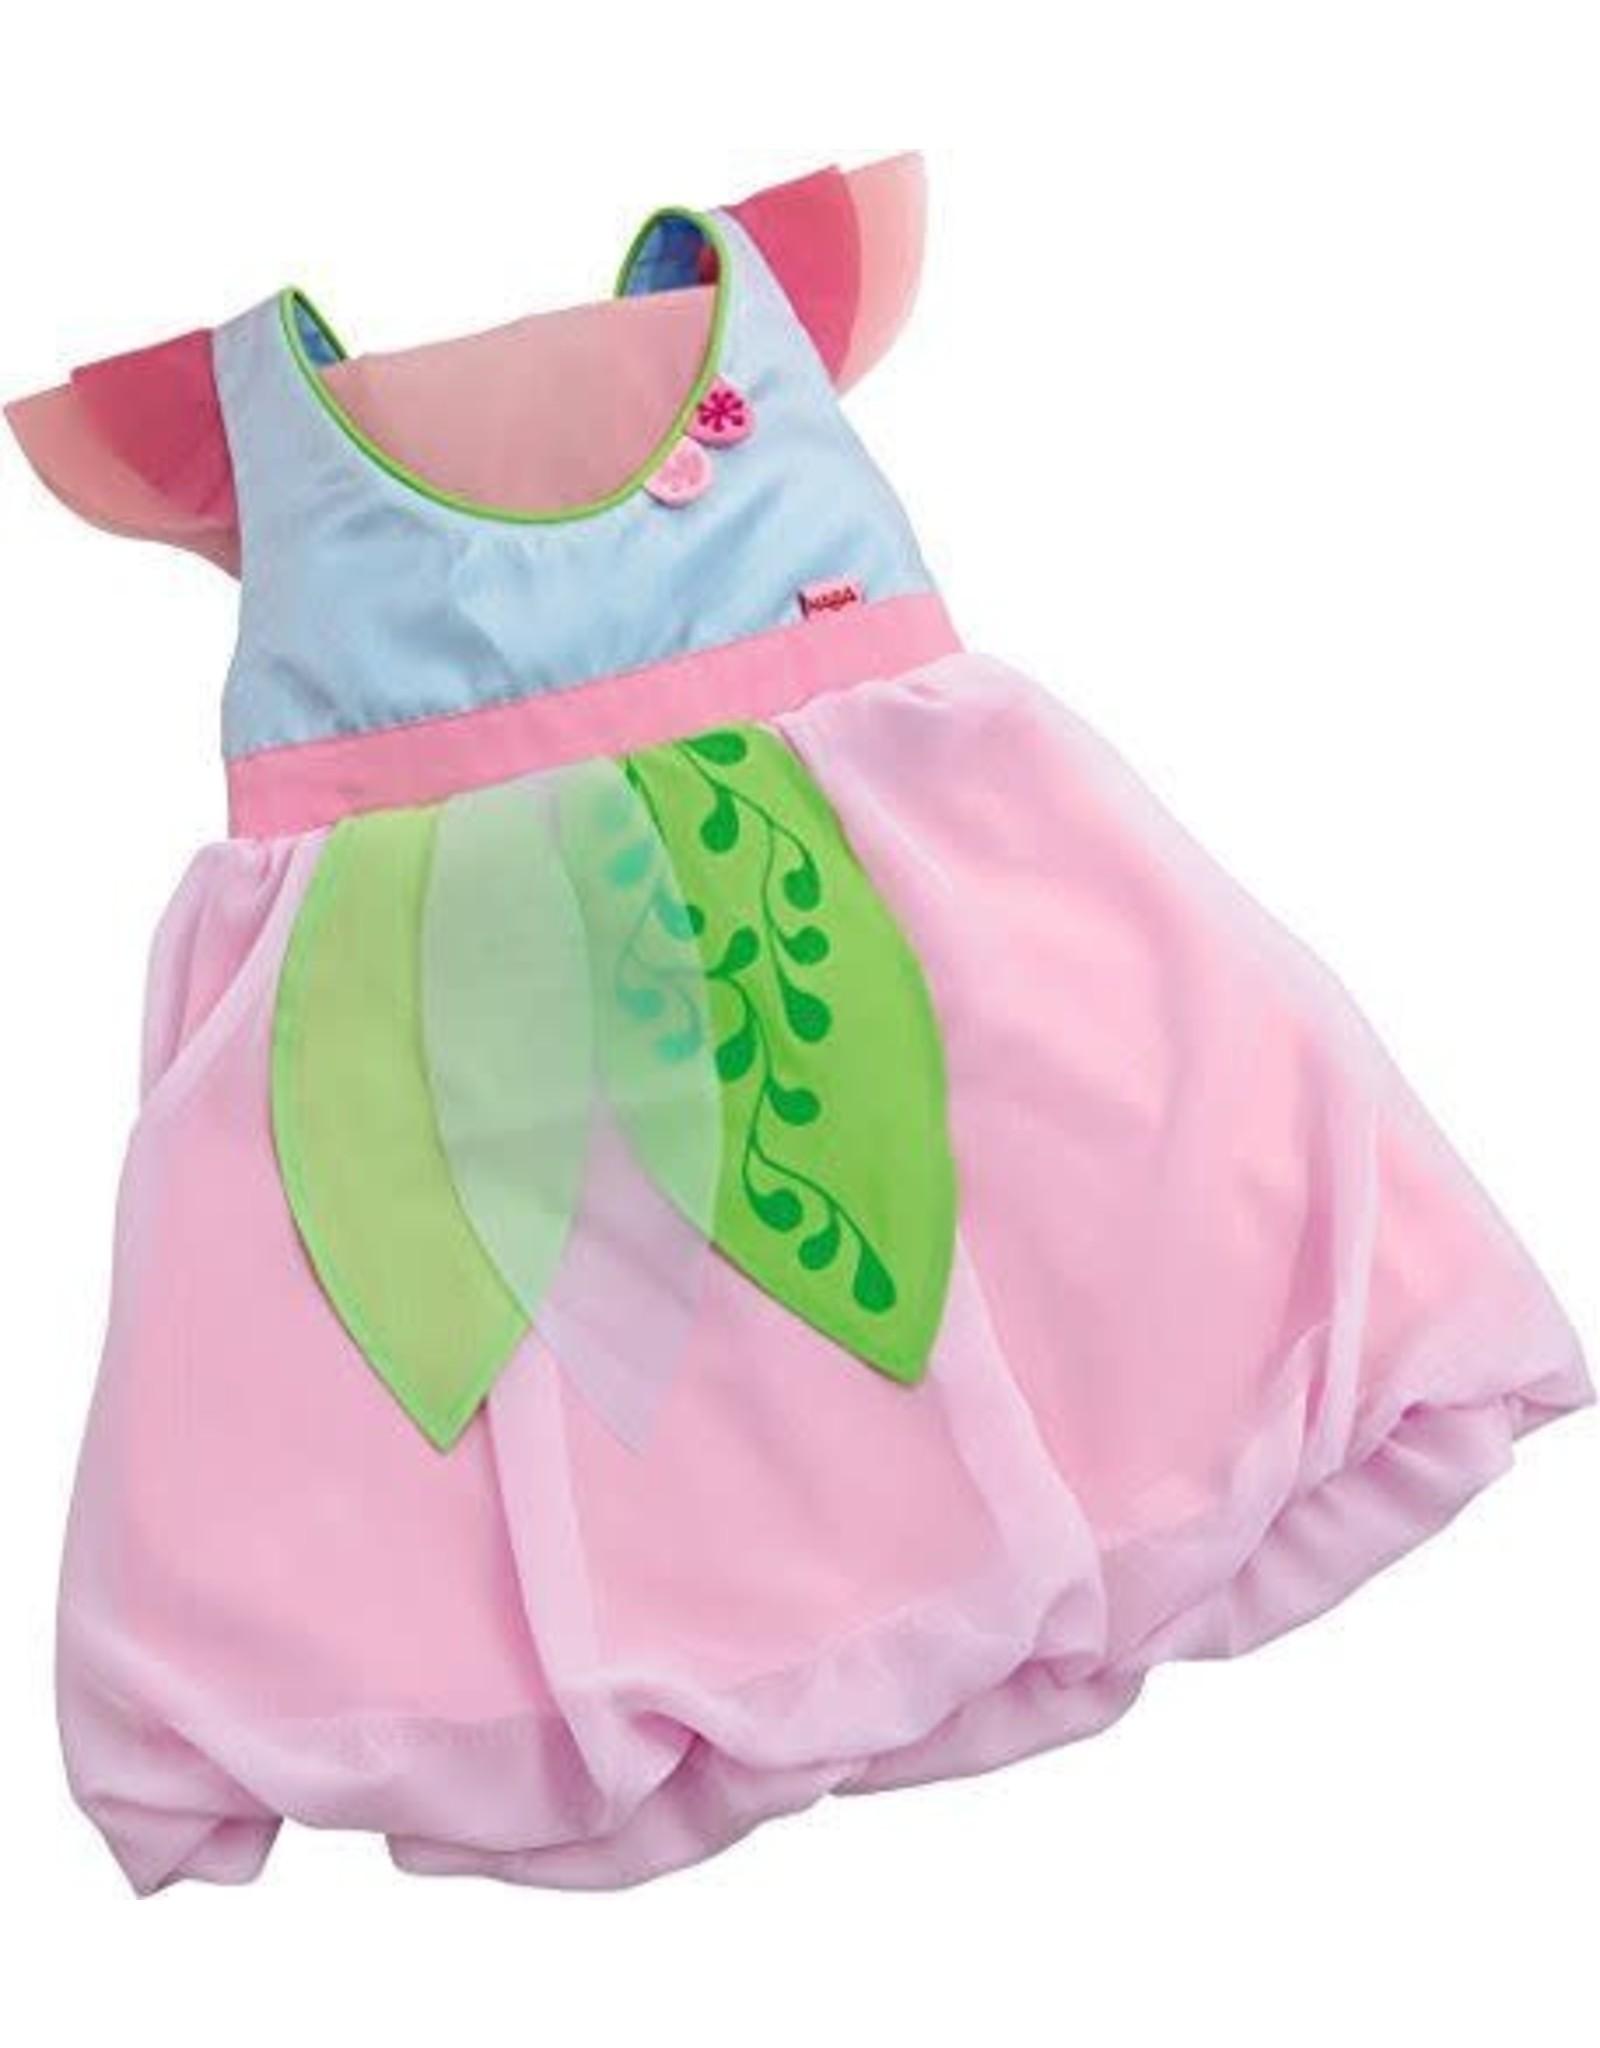 Haba Fairy Fina Dress